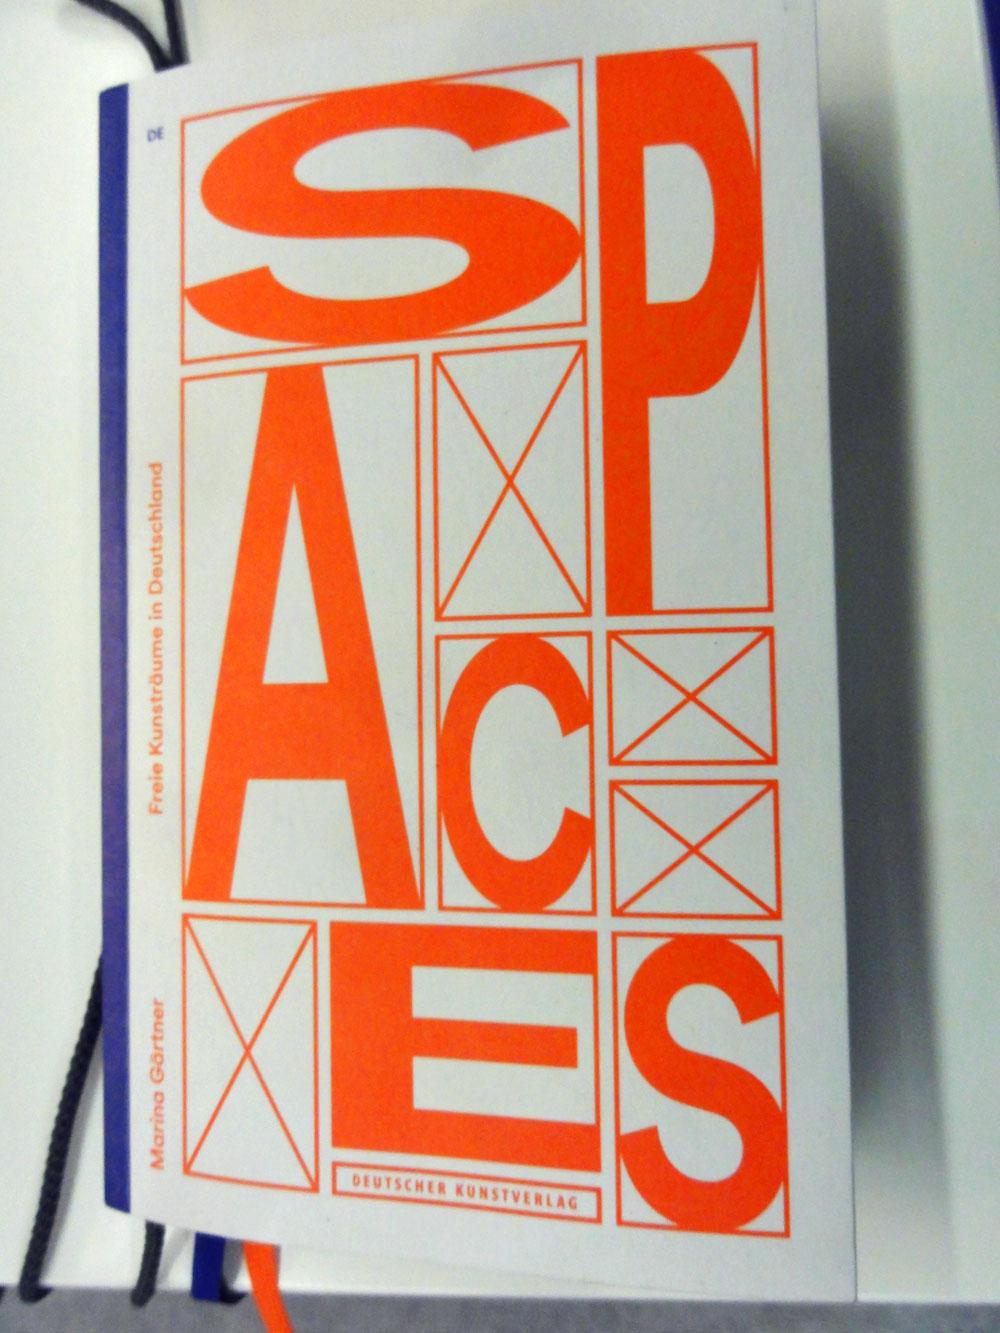 Spaces - Freie Kunsträume in Deutschland